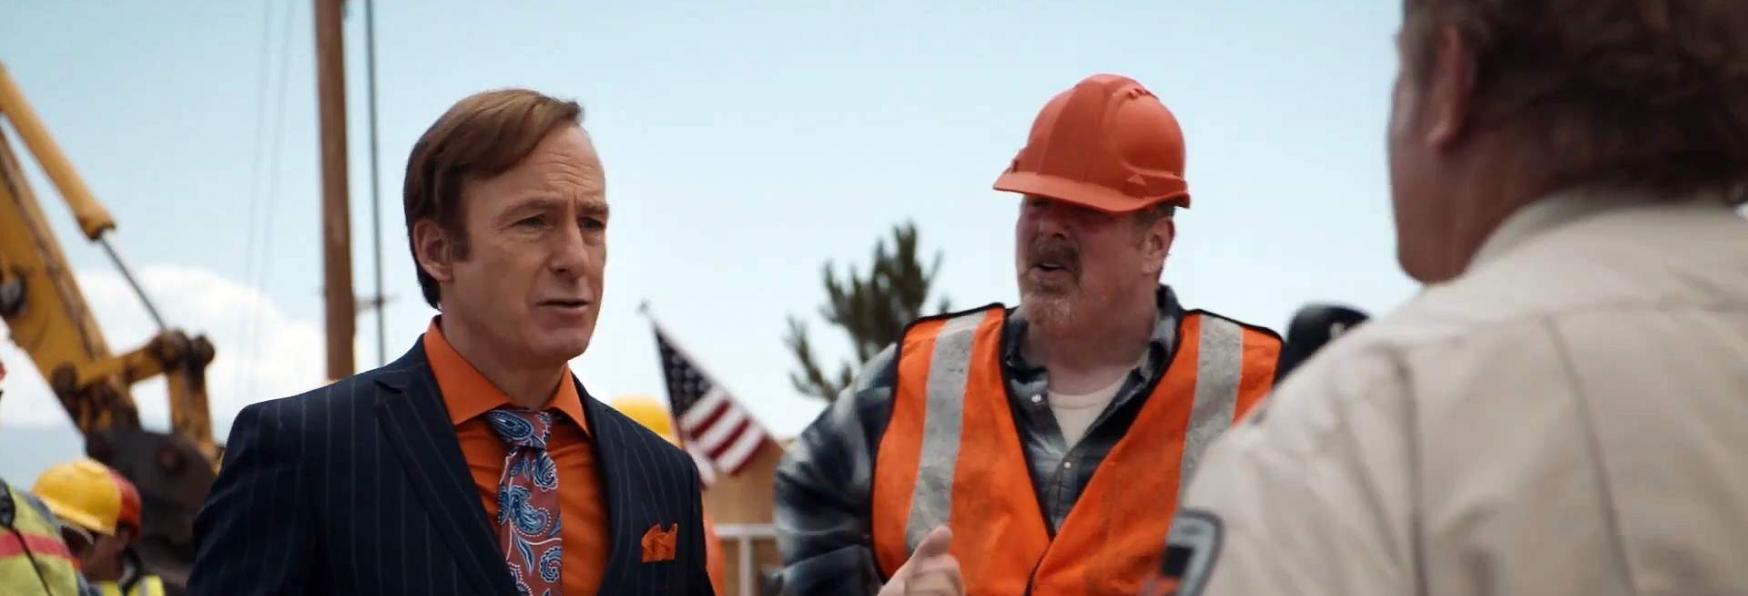 Better Call Saul 5: la Recensione del 5° Episodio di questa Stagione